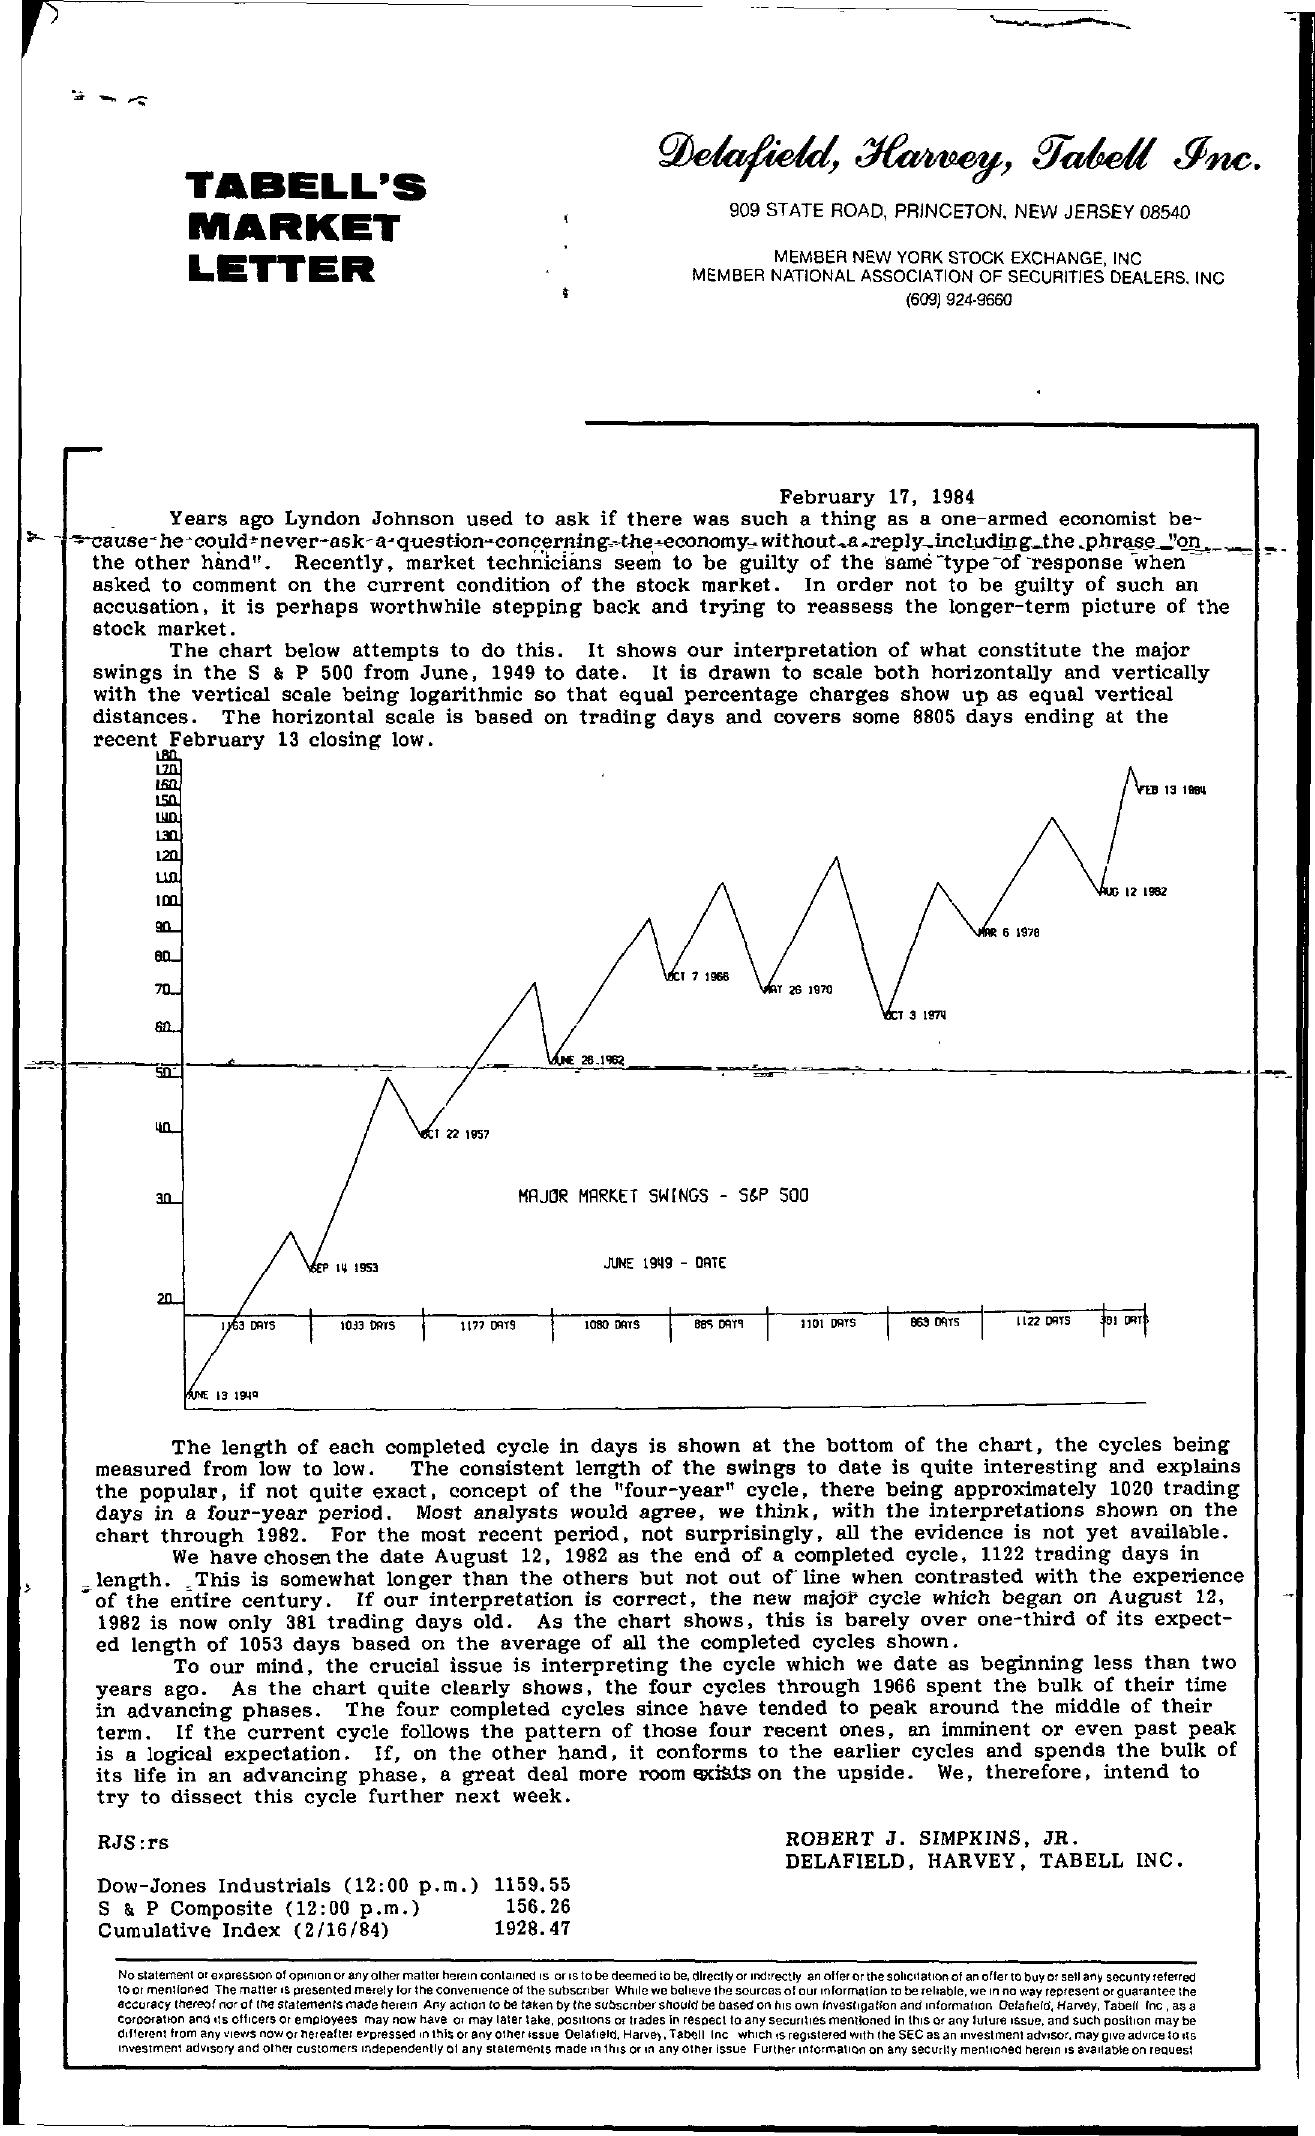 Tabell's Market Letter - February 17, 1984